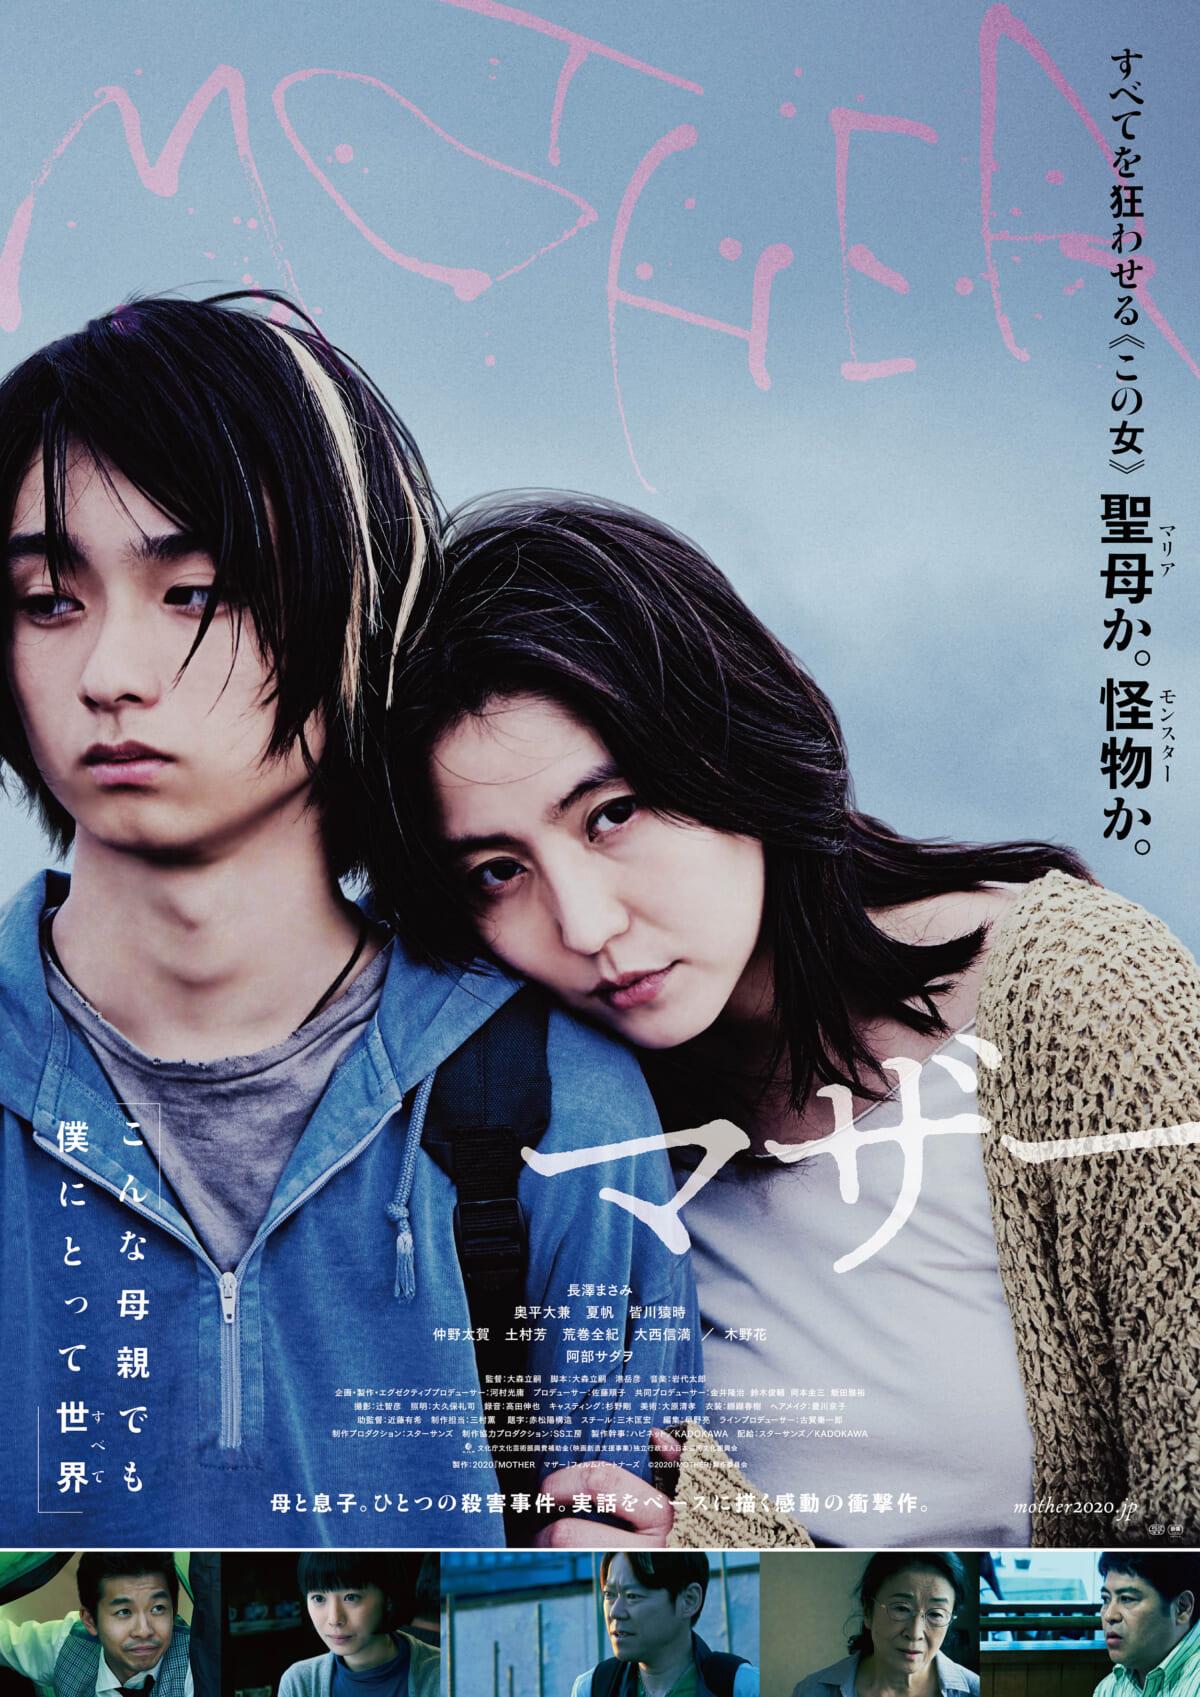 映画「MOTHER マザー」